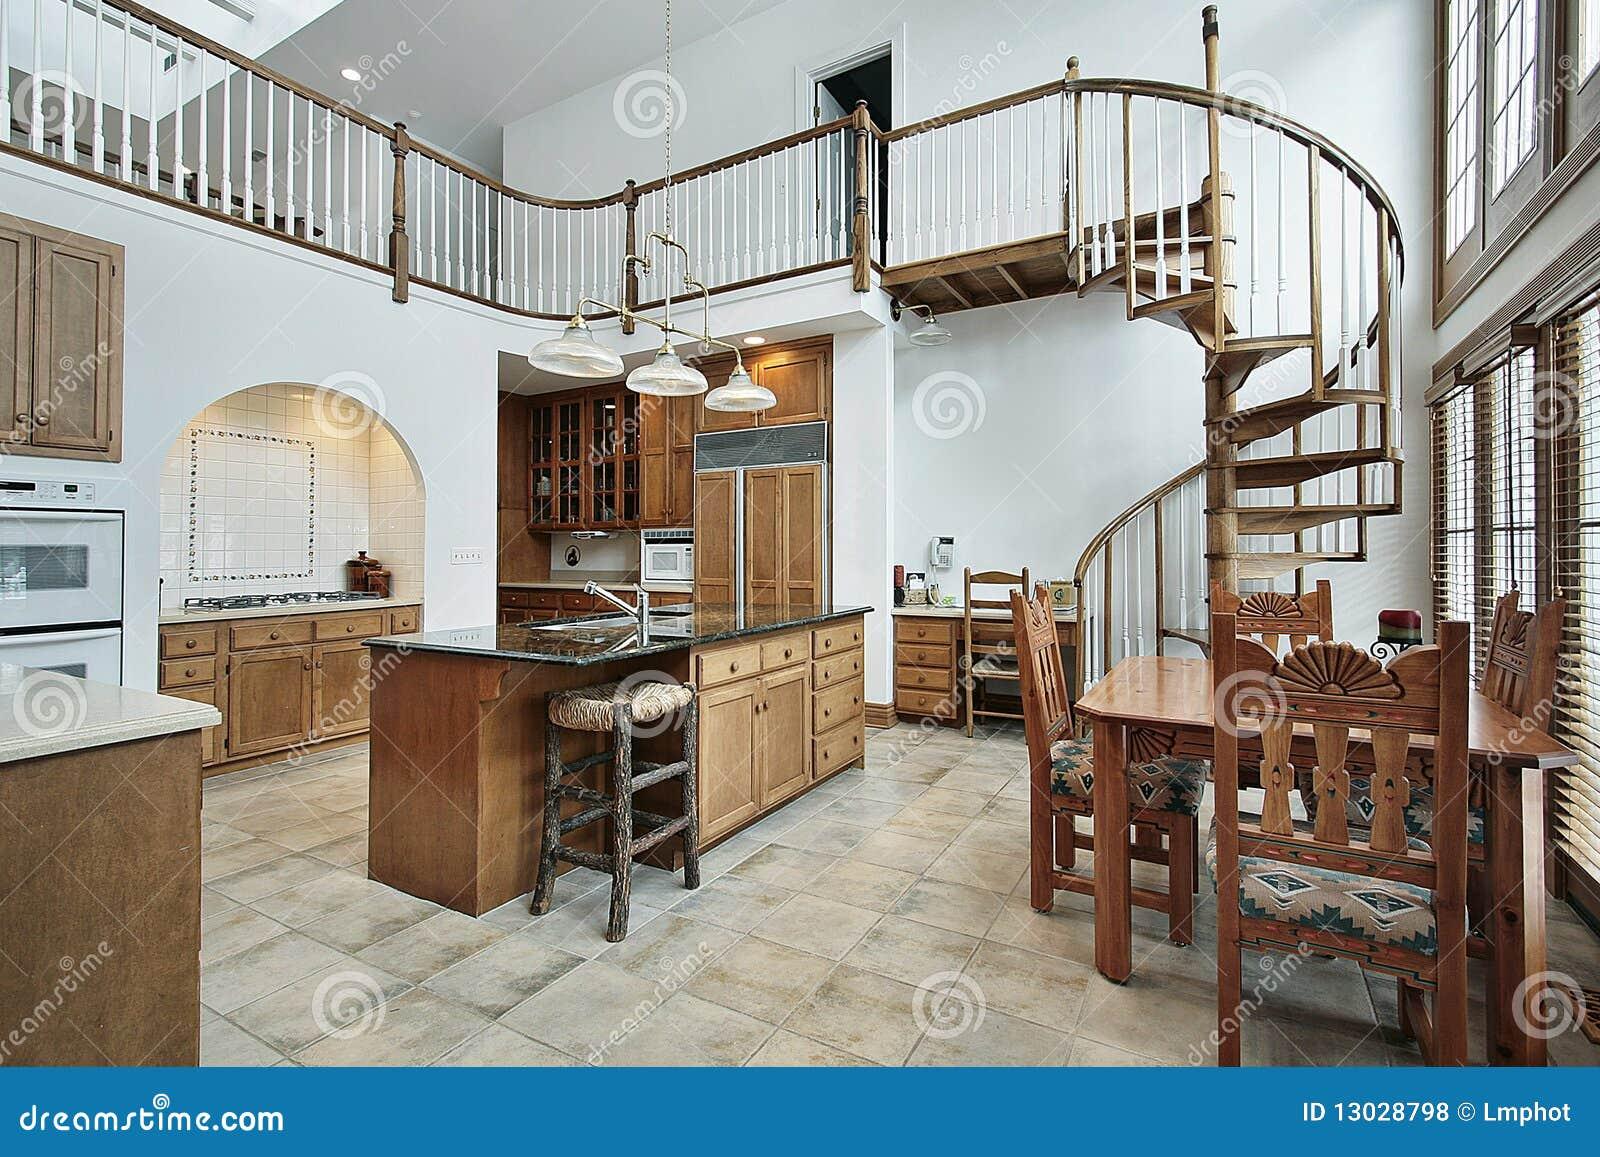 Große küche mit gewundenem treppenhaus zum zweiten stock